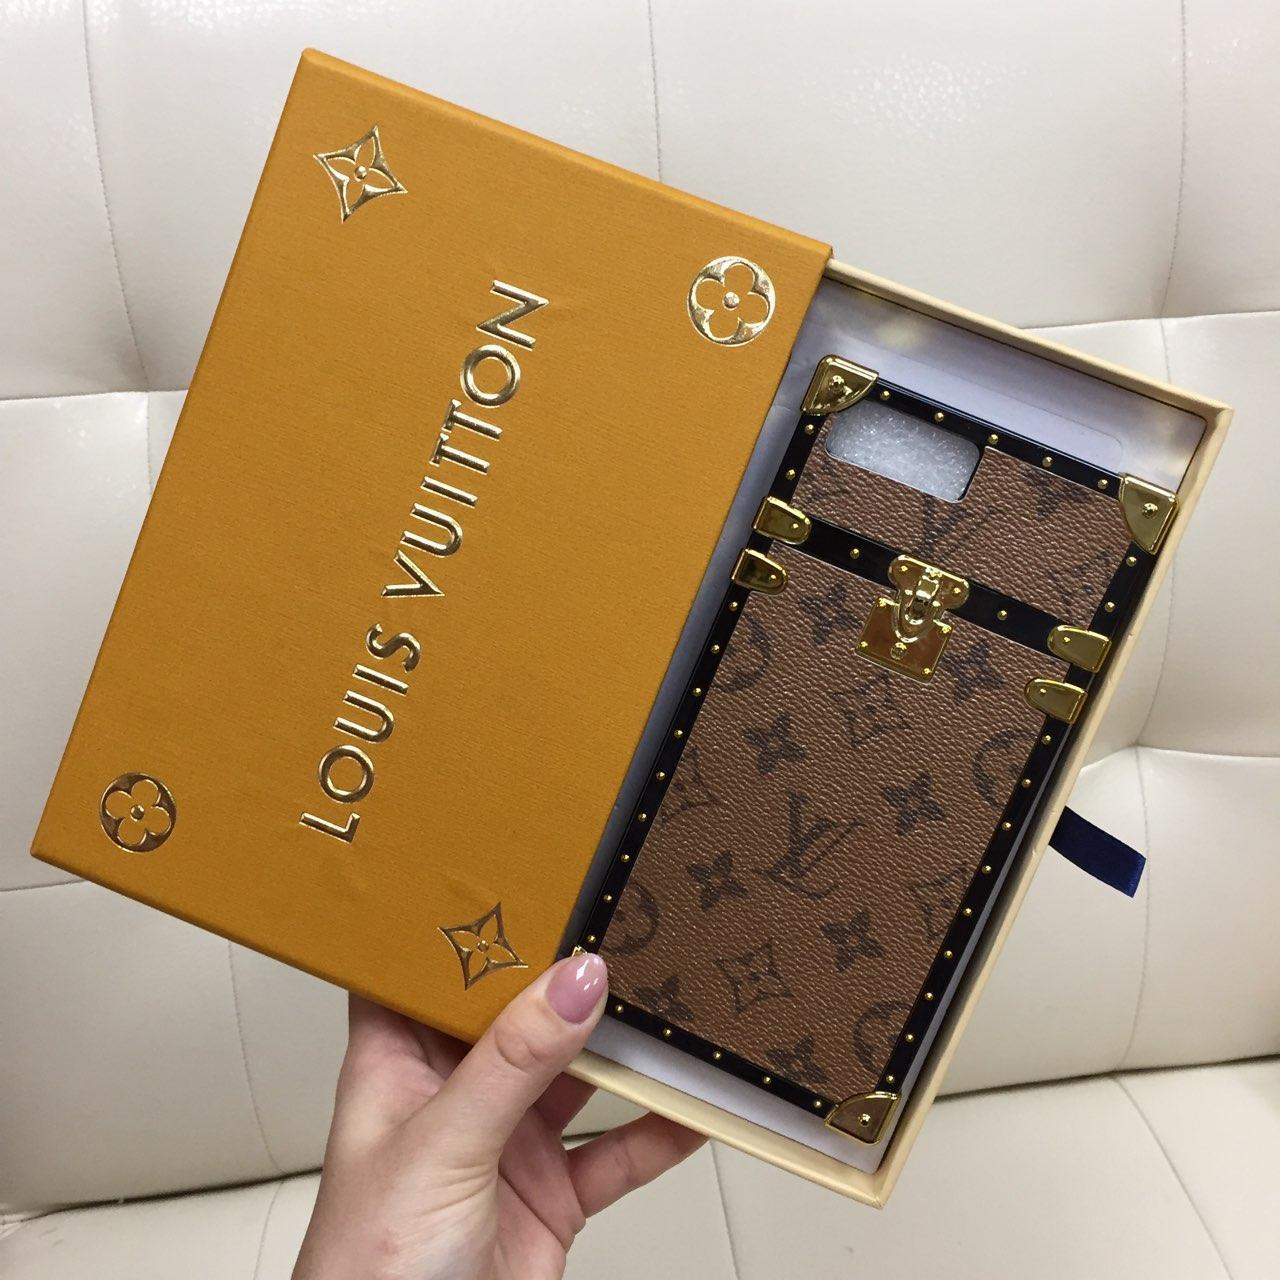 Чехол для iPhone 8 Plus (8+) Louis Vuitton бампер силикон кожа светло коричневая классика